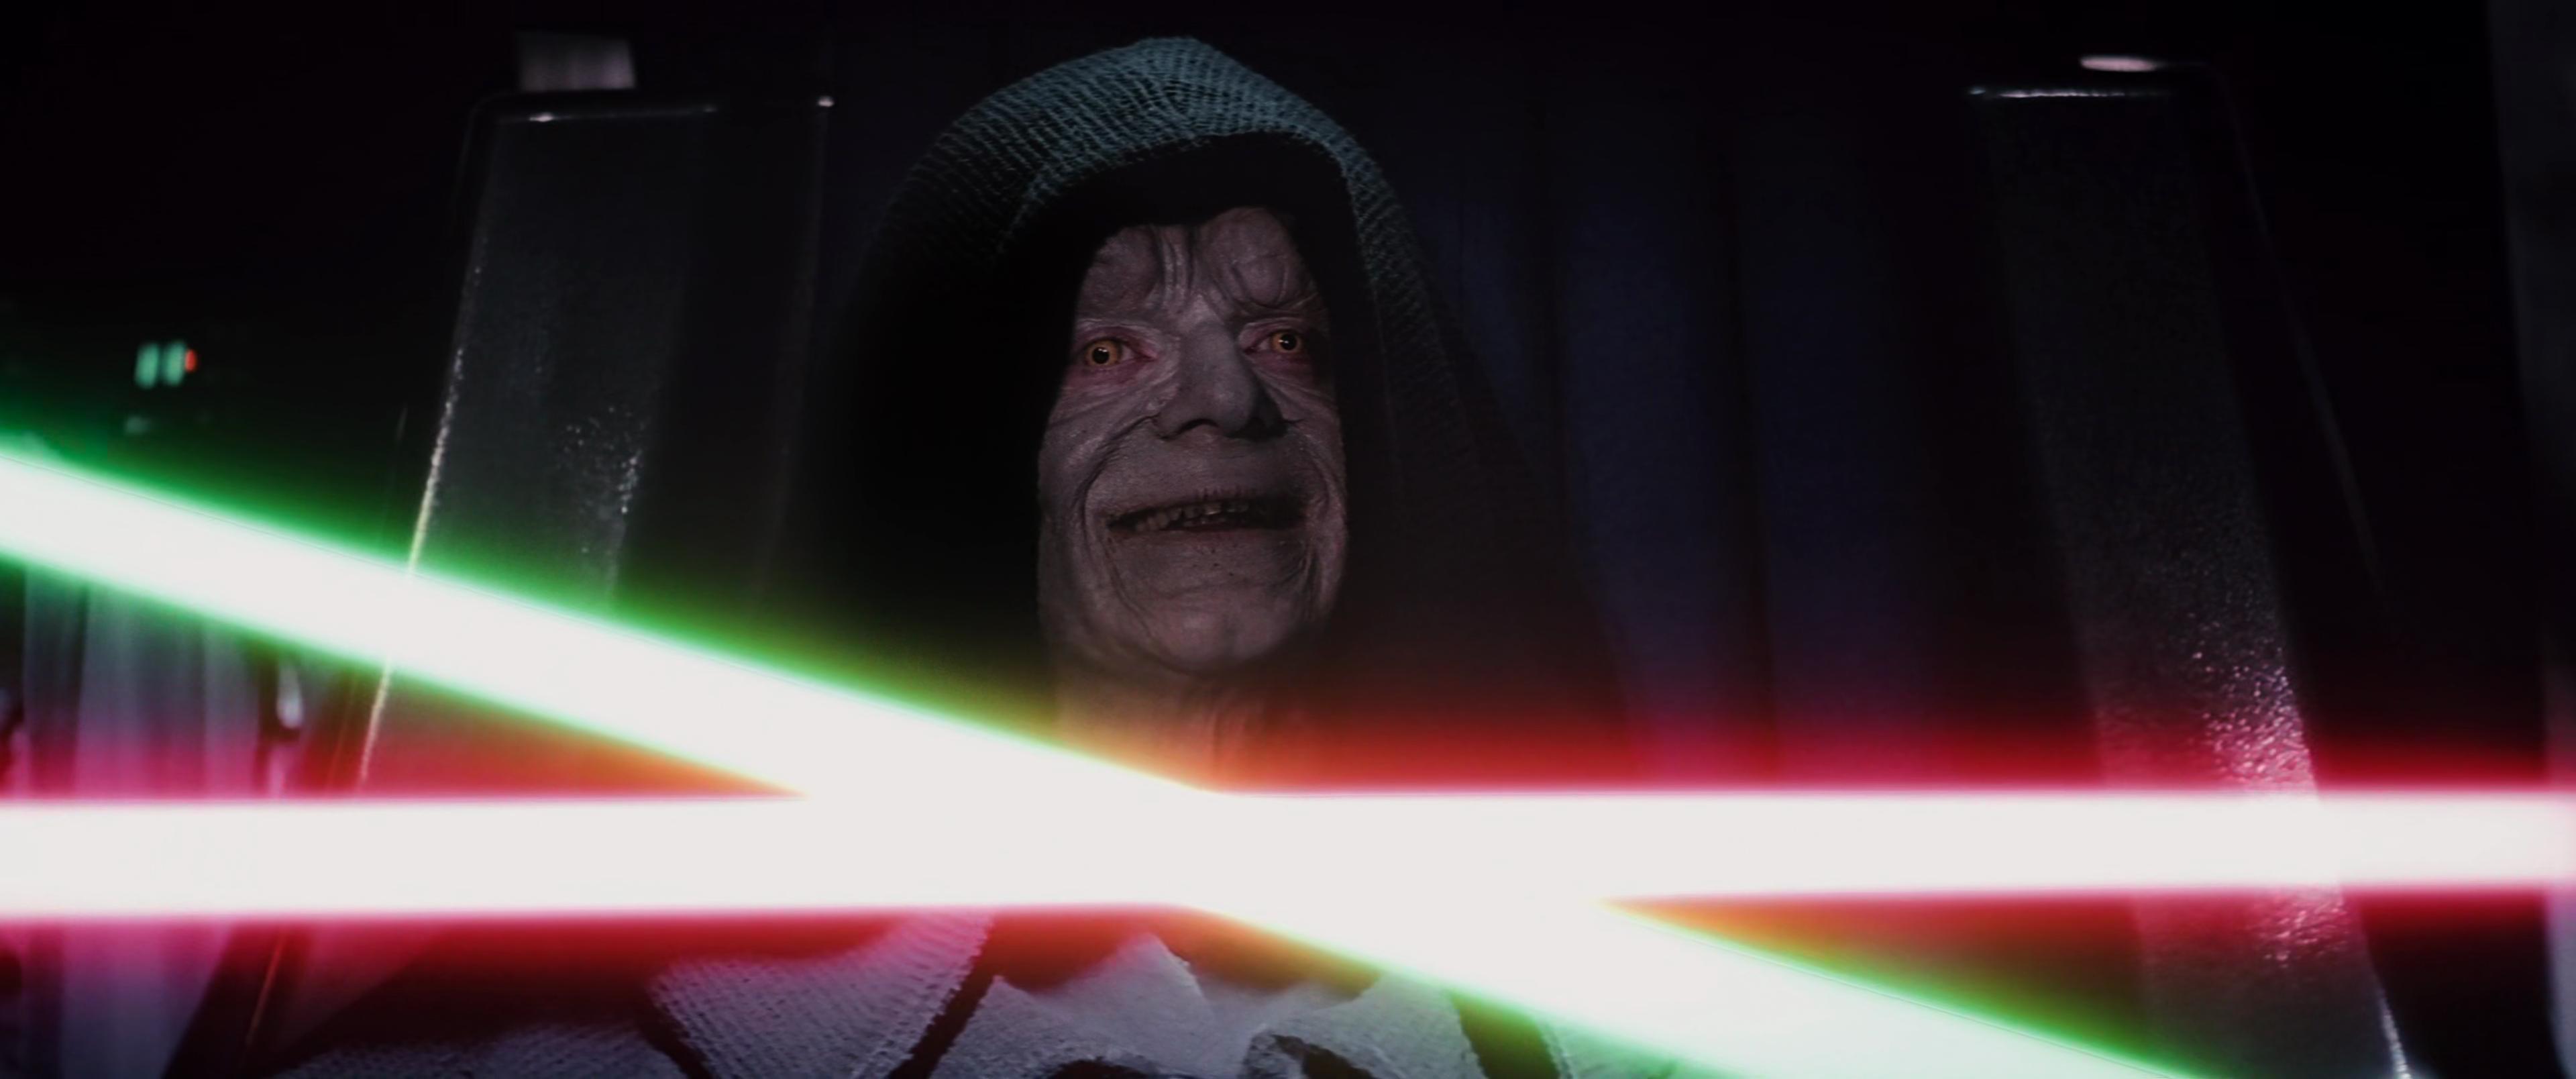 Darth Sideous | Star Wars Stuff Wiki | FANDOM powered by Wikia